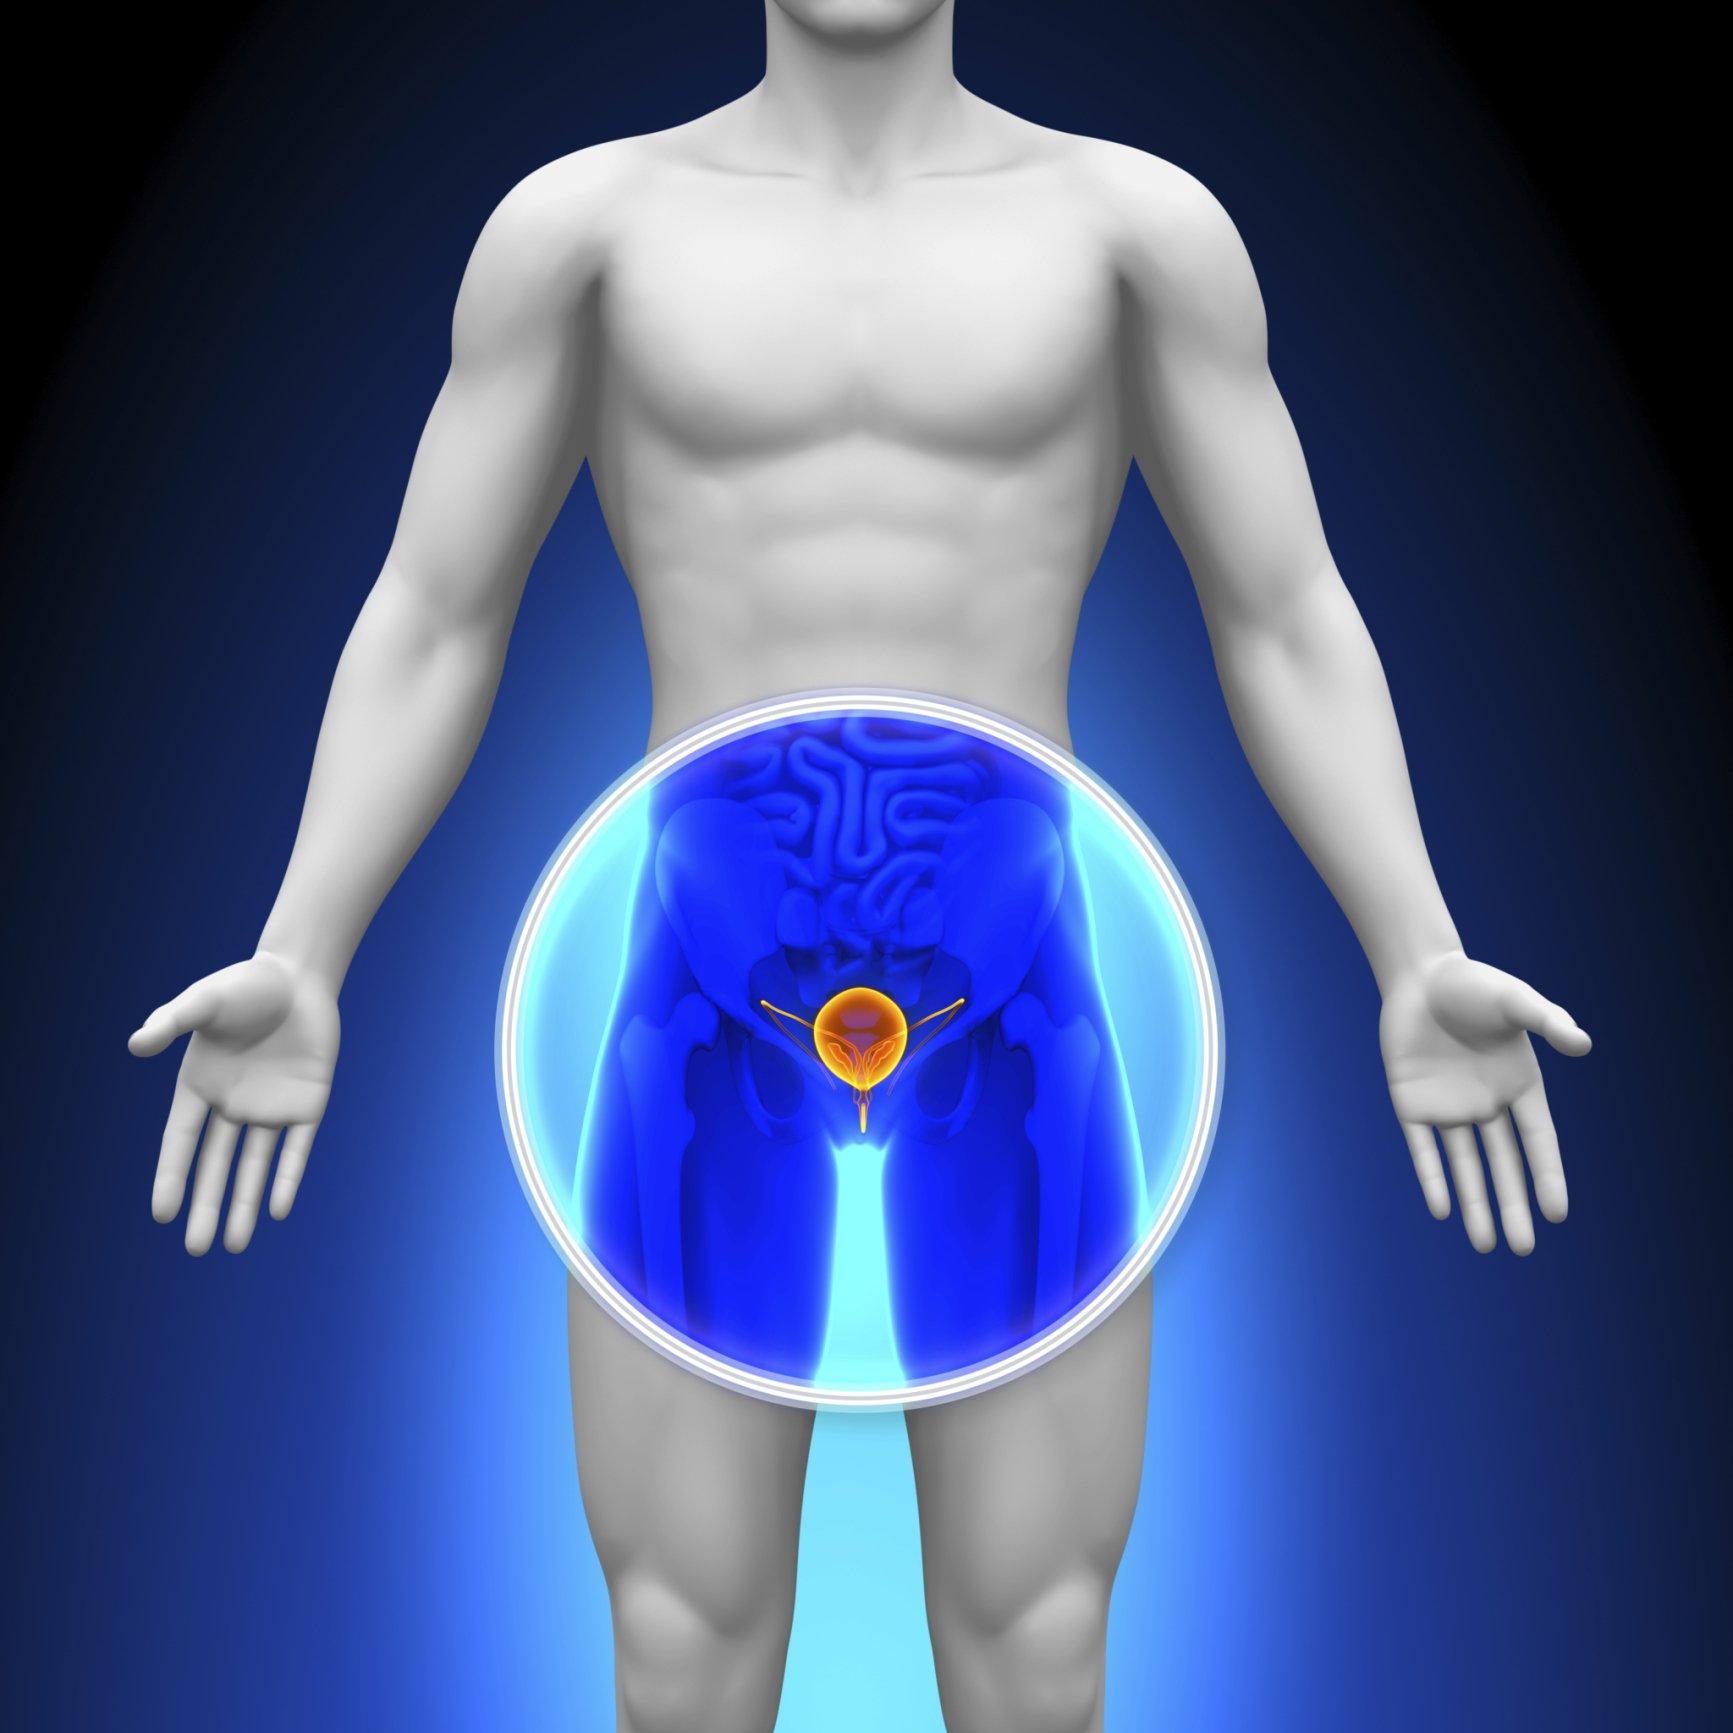 Бессимптомный простатит особенности течения и диагностики